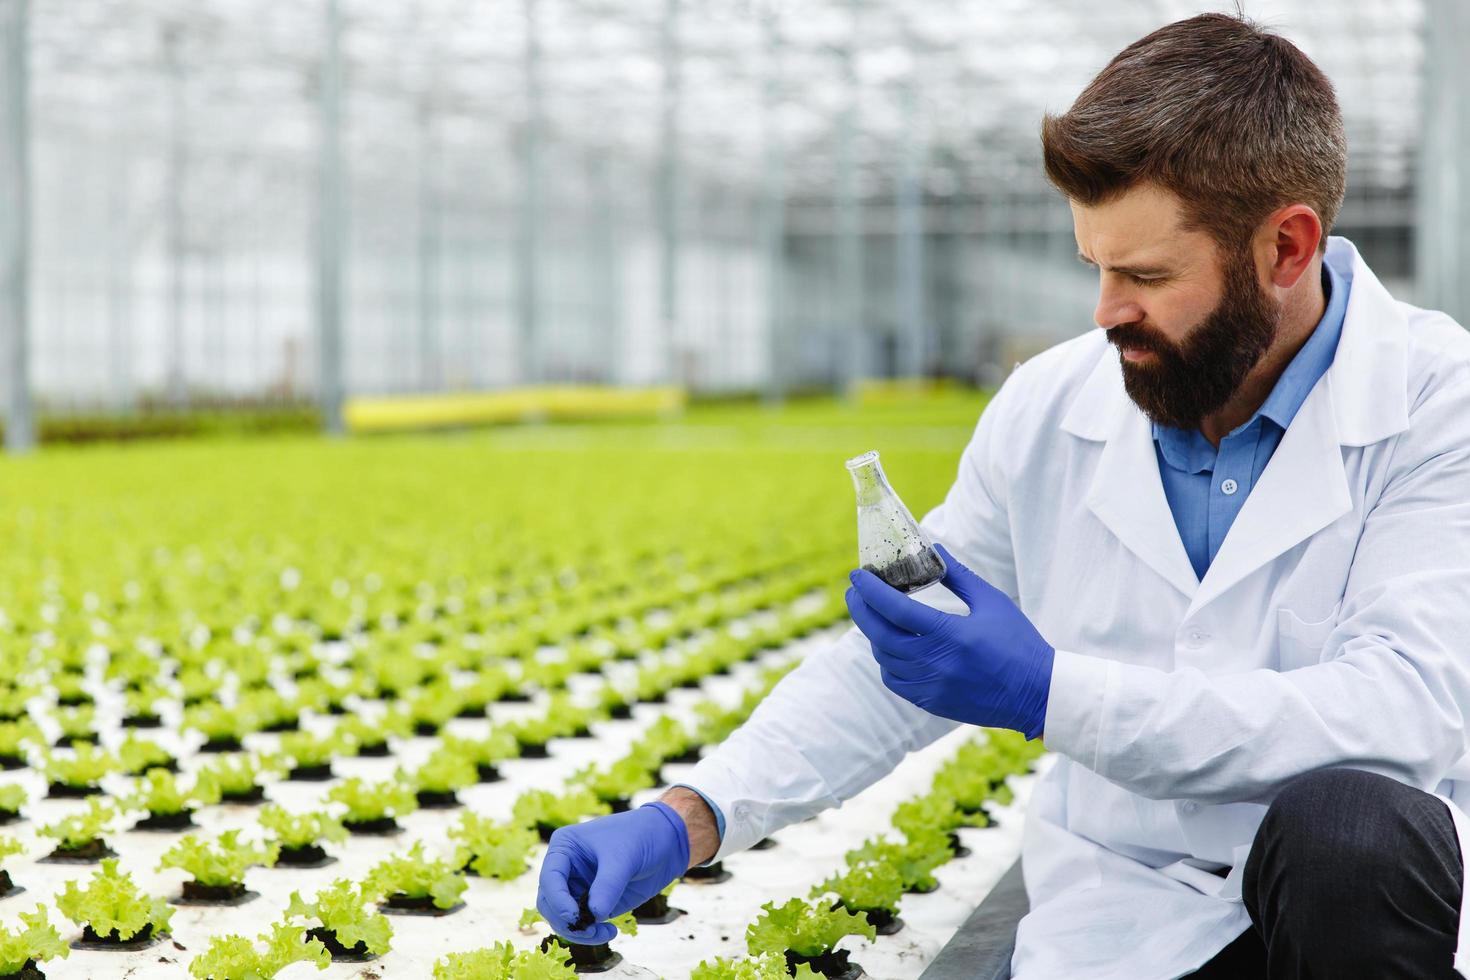 Mann nimmt eine Sonde von Grün in einem Erlenmeyerkolben foto